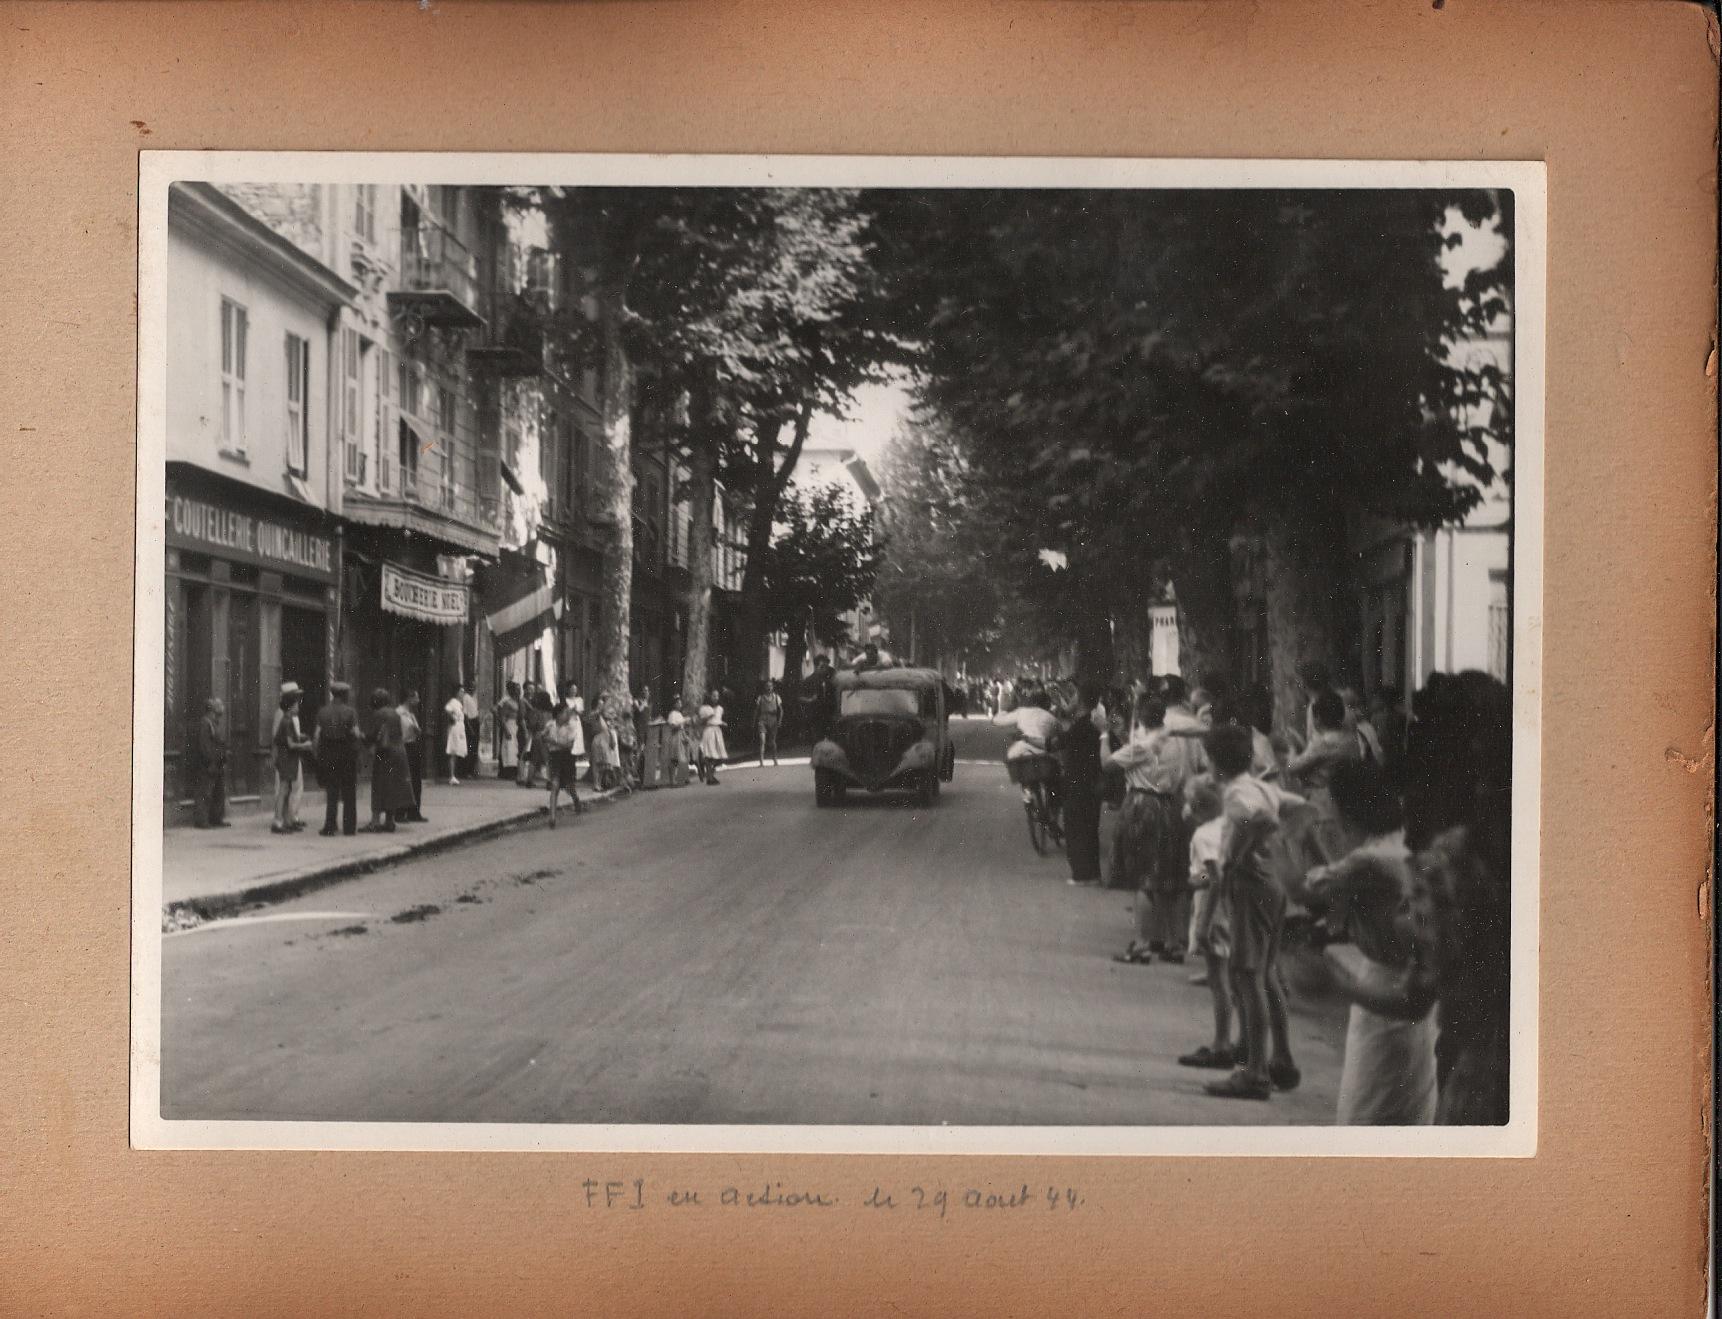 NICE 1944 33